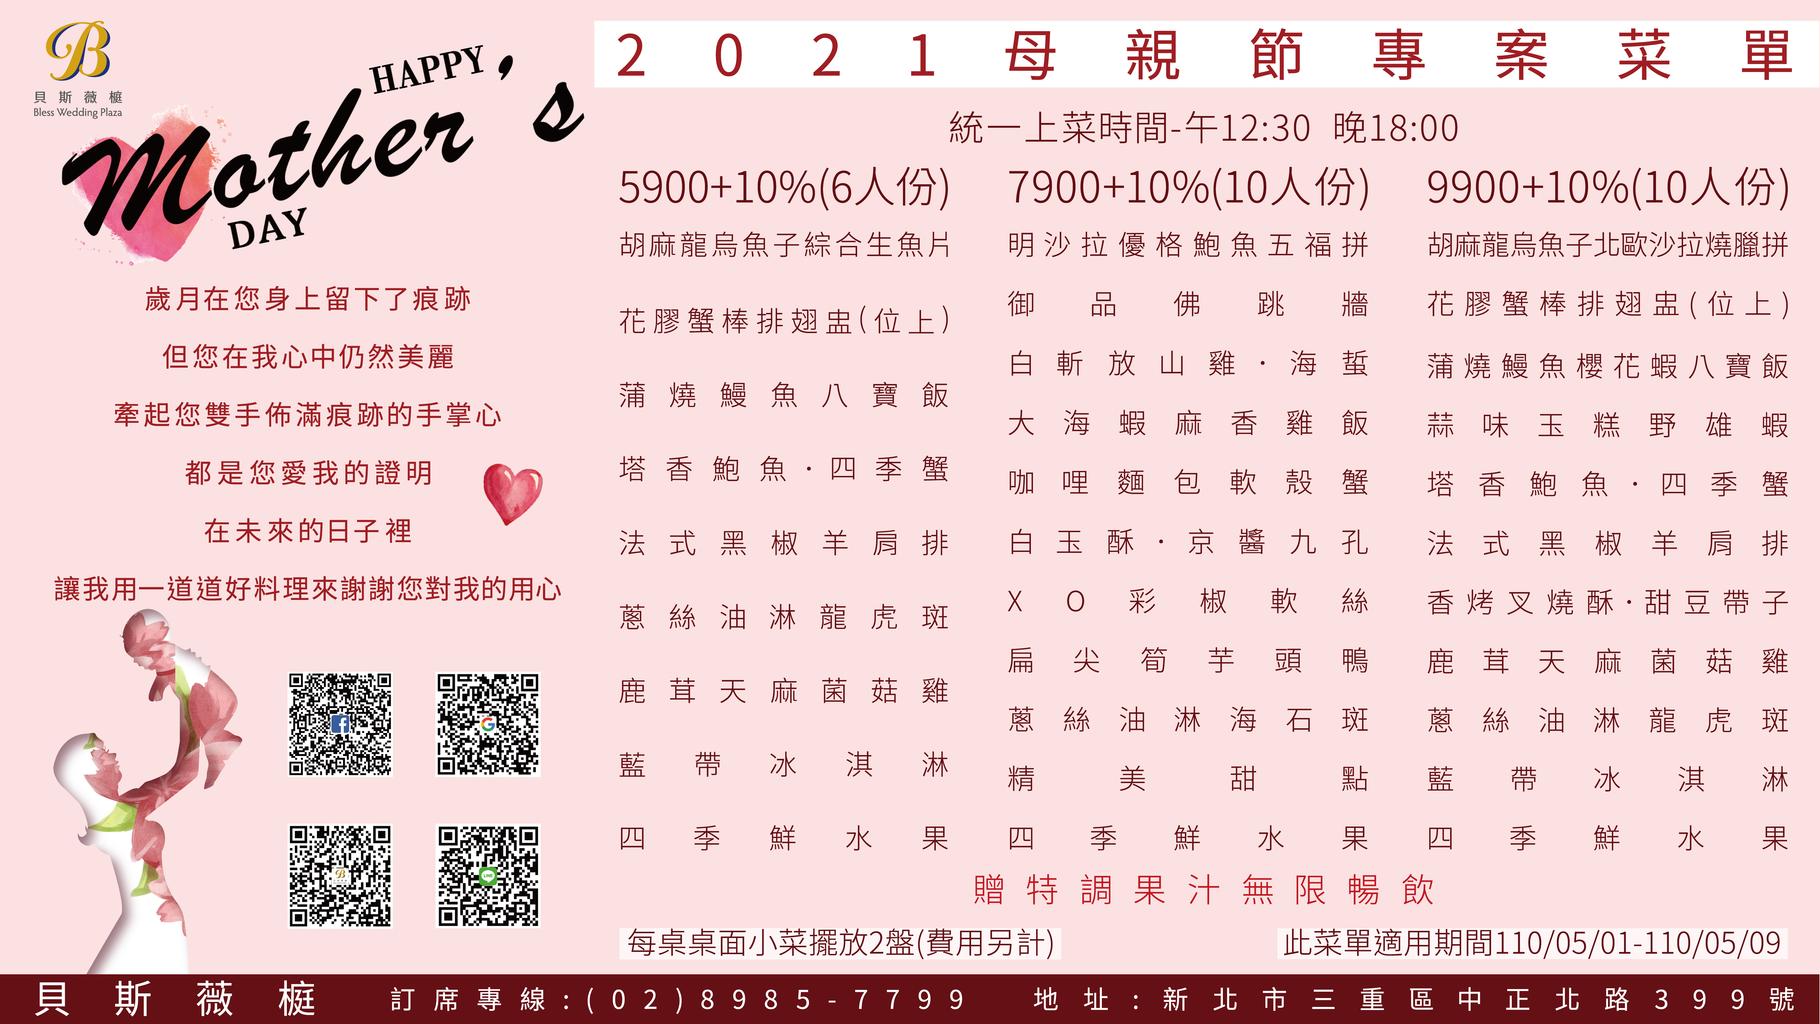 母親節 廣告牆橫式-03-03-02.png (843 KB)